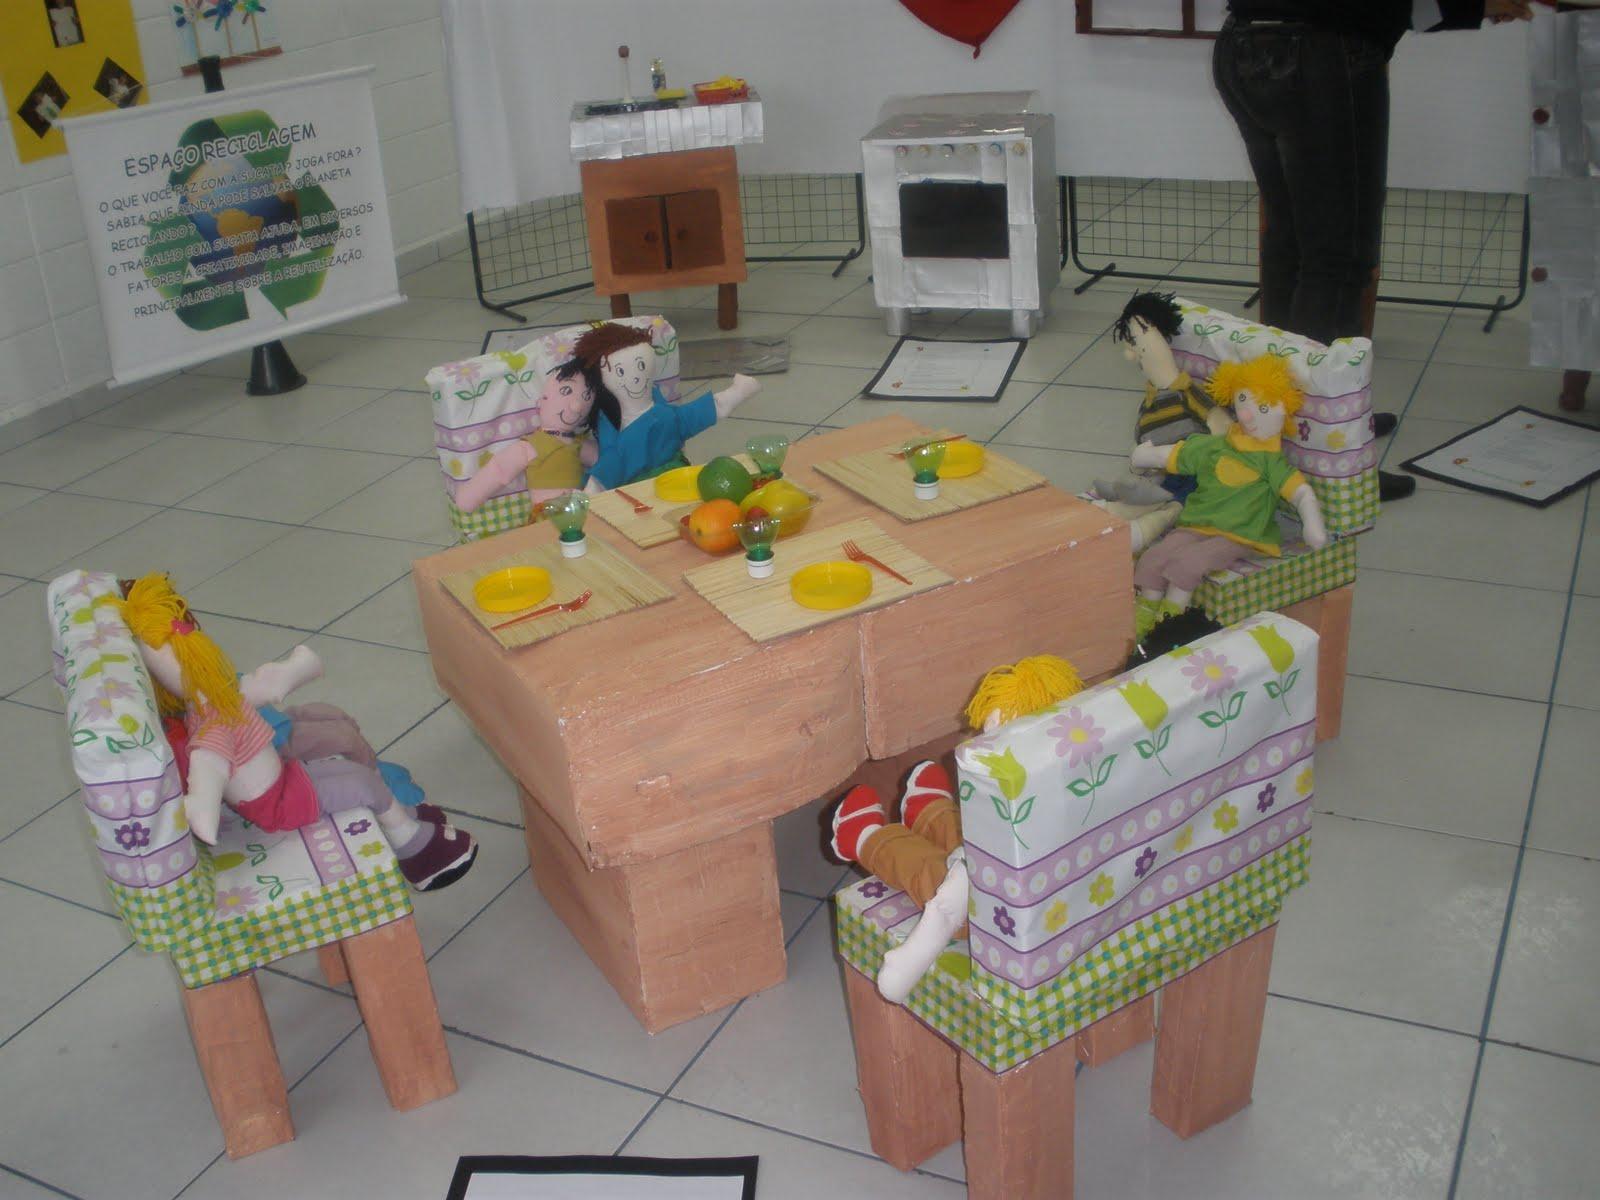 Como Decorar O Quarto Com Coisas Reciclaveis Nchome Info -> Como Decorar Parede De Sala Com Material Reciclados